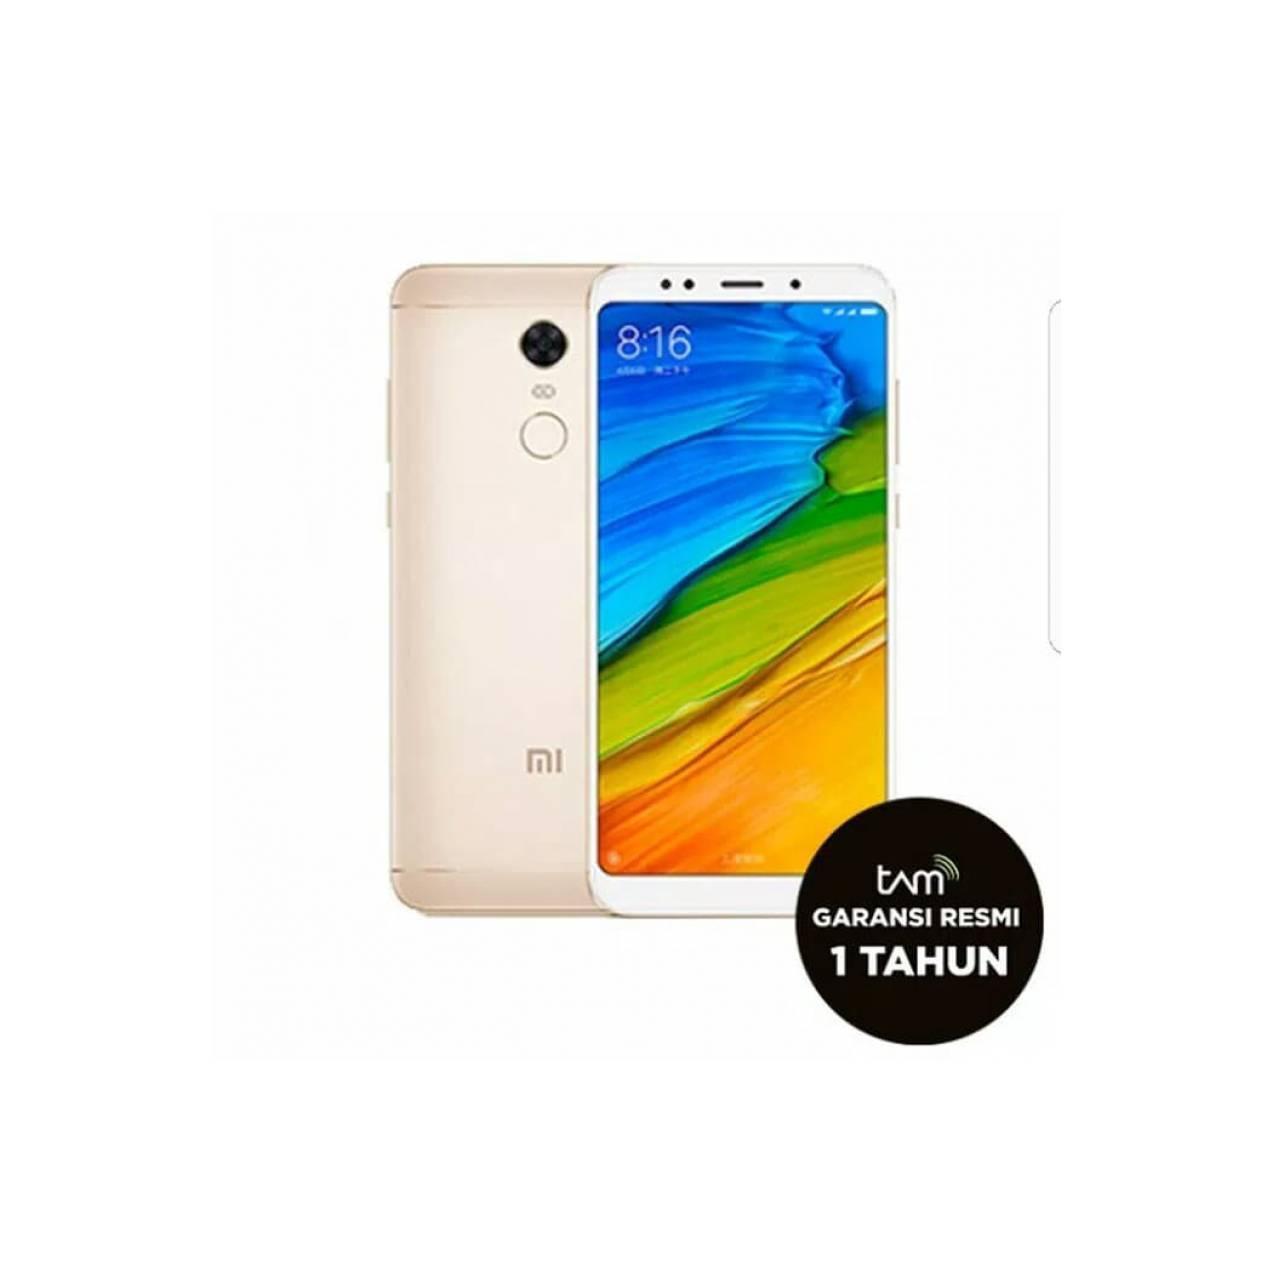 HP XIAOMI REDMI 5 PLUS (XIOMI MI 5 RAM 4/64 GB 64GB) GRS RESMI TAM - Beige  - e20f5e8e9fc89df2c1ec96fa03c92519 - Update Harga Terbaru Hp Xiaomi Mi5 Gsmarena Agustus 2018